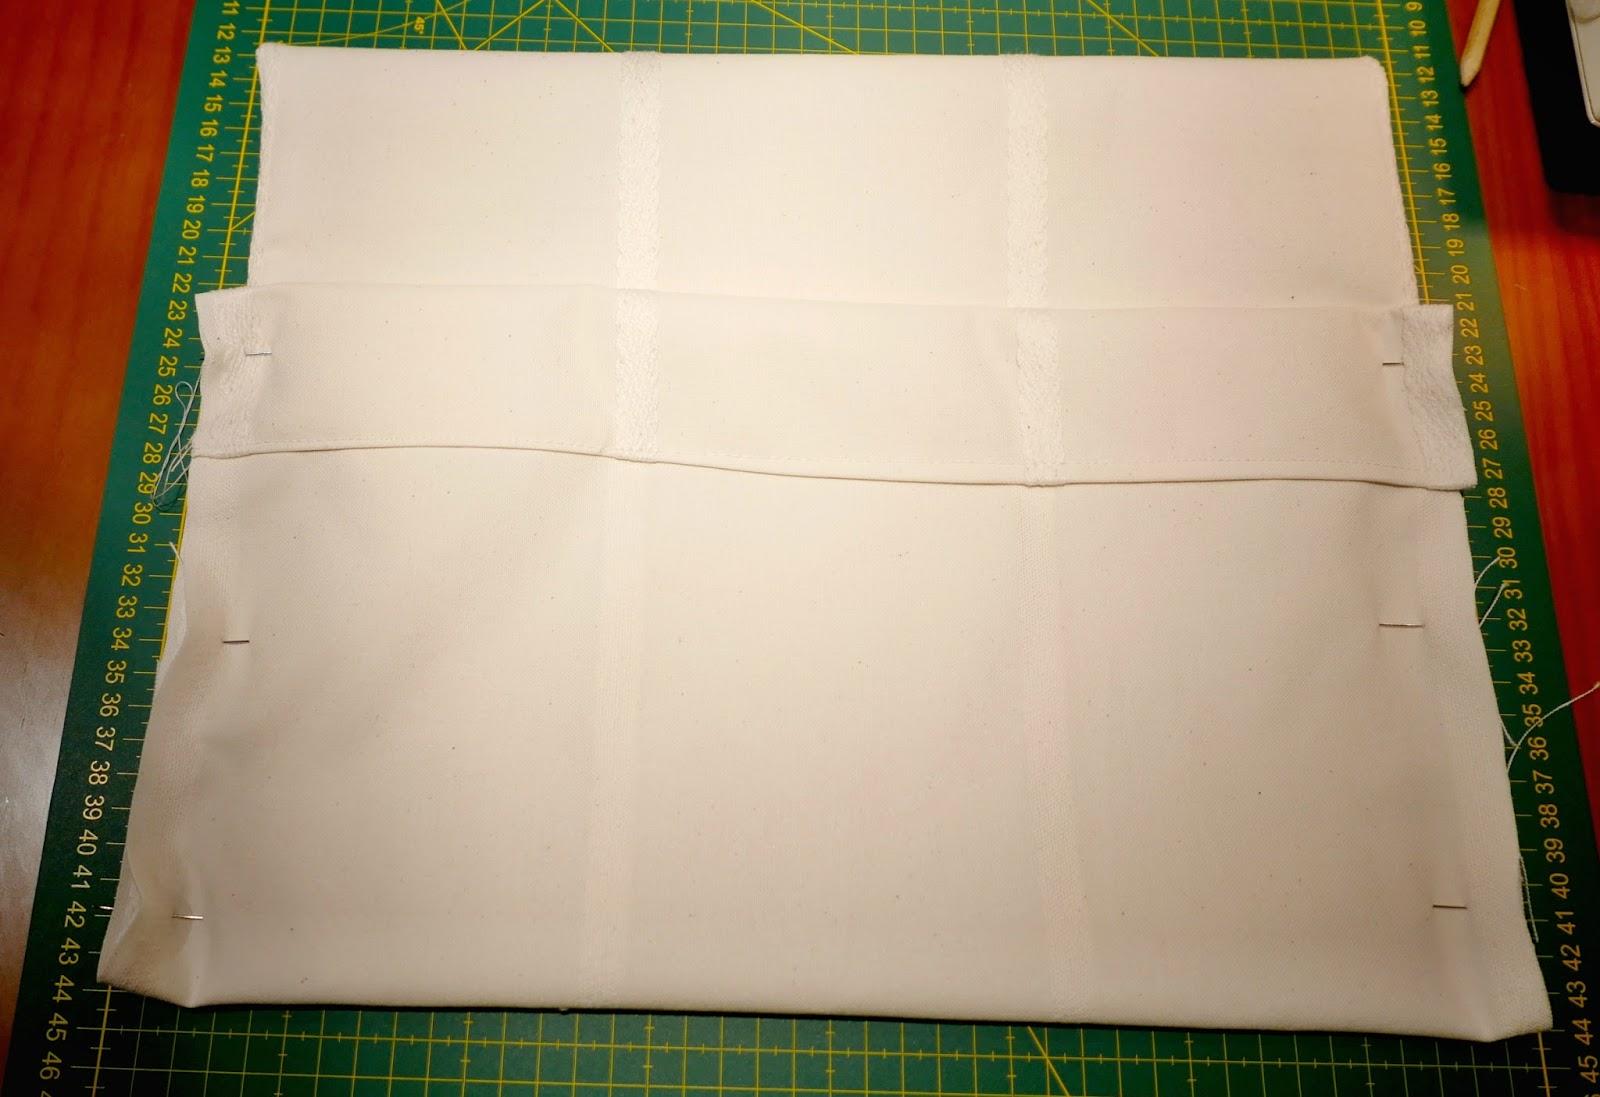 Curso de costura gratis: Cómo hacer una bolsa de tela - Handbox ...